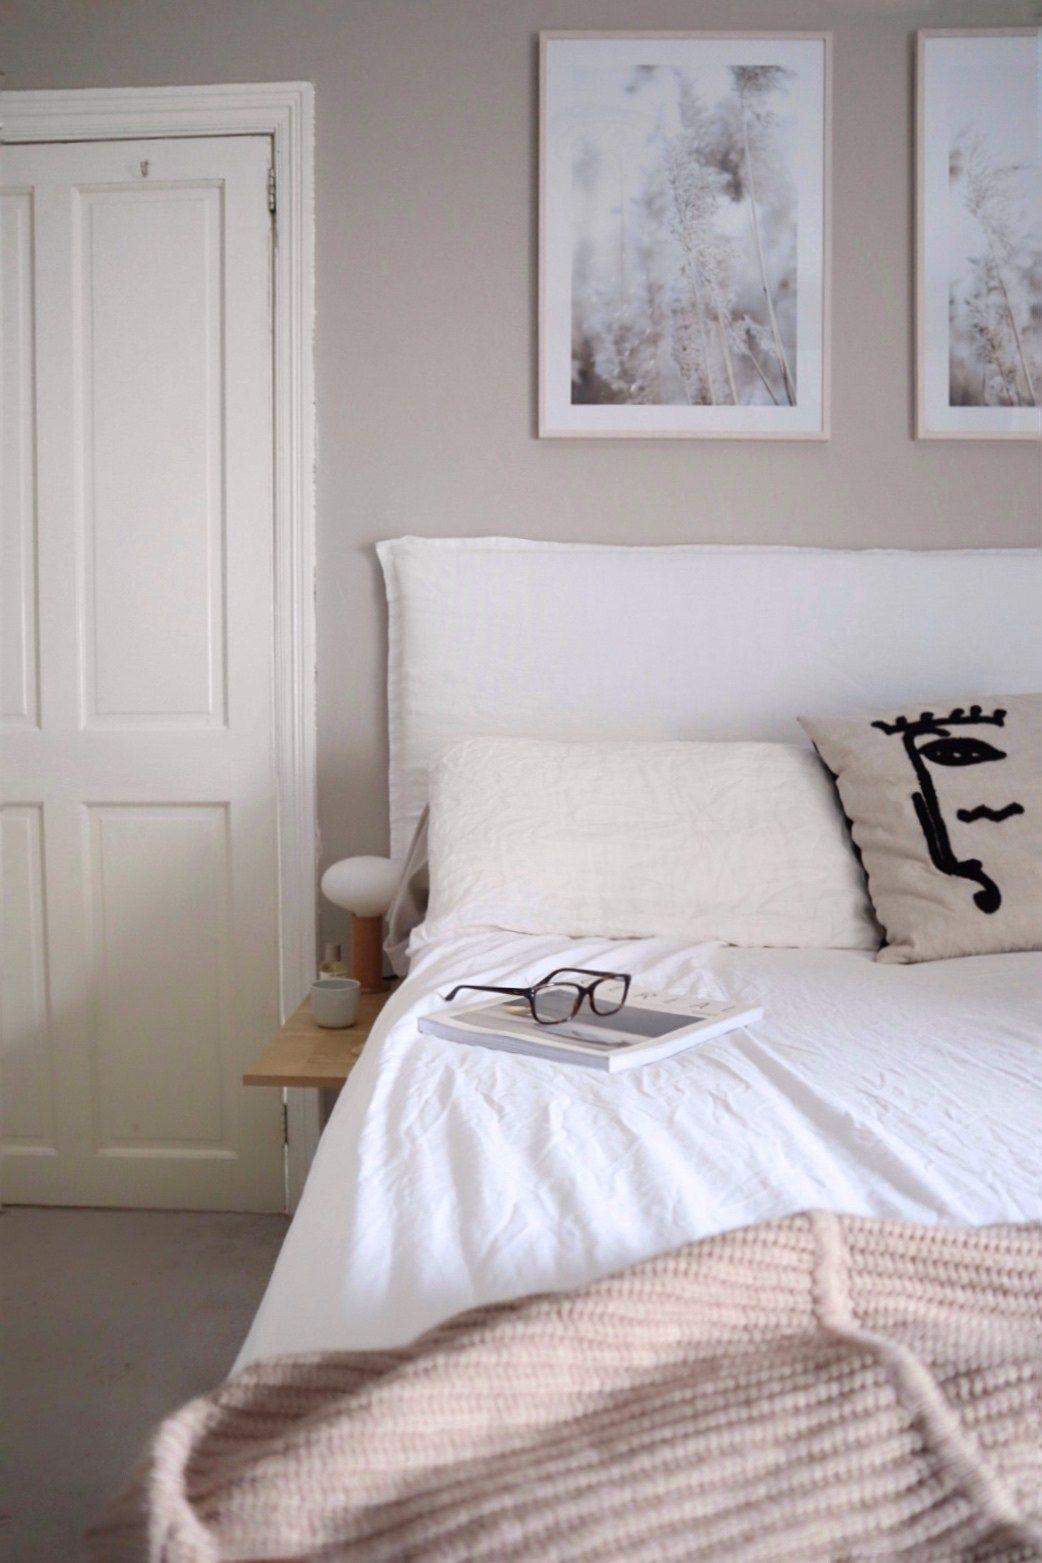 Diy Linen Headboard For Your Bedroom Create A Bespoke Simple Minimalist Headboard Linen Headboard Pillow Headboard Headboard Cover Linen headboard bedroom ideas